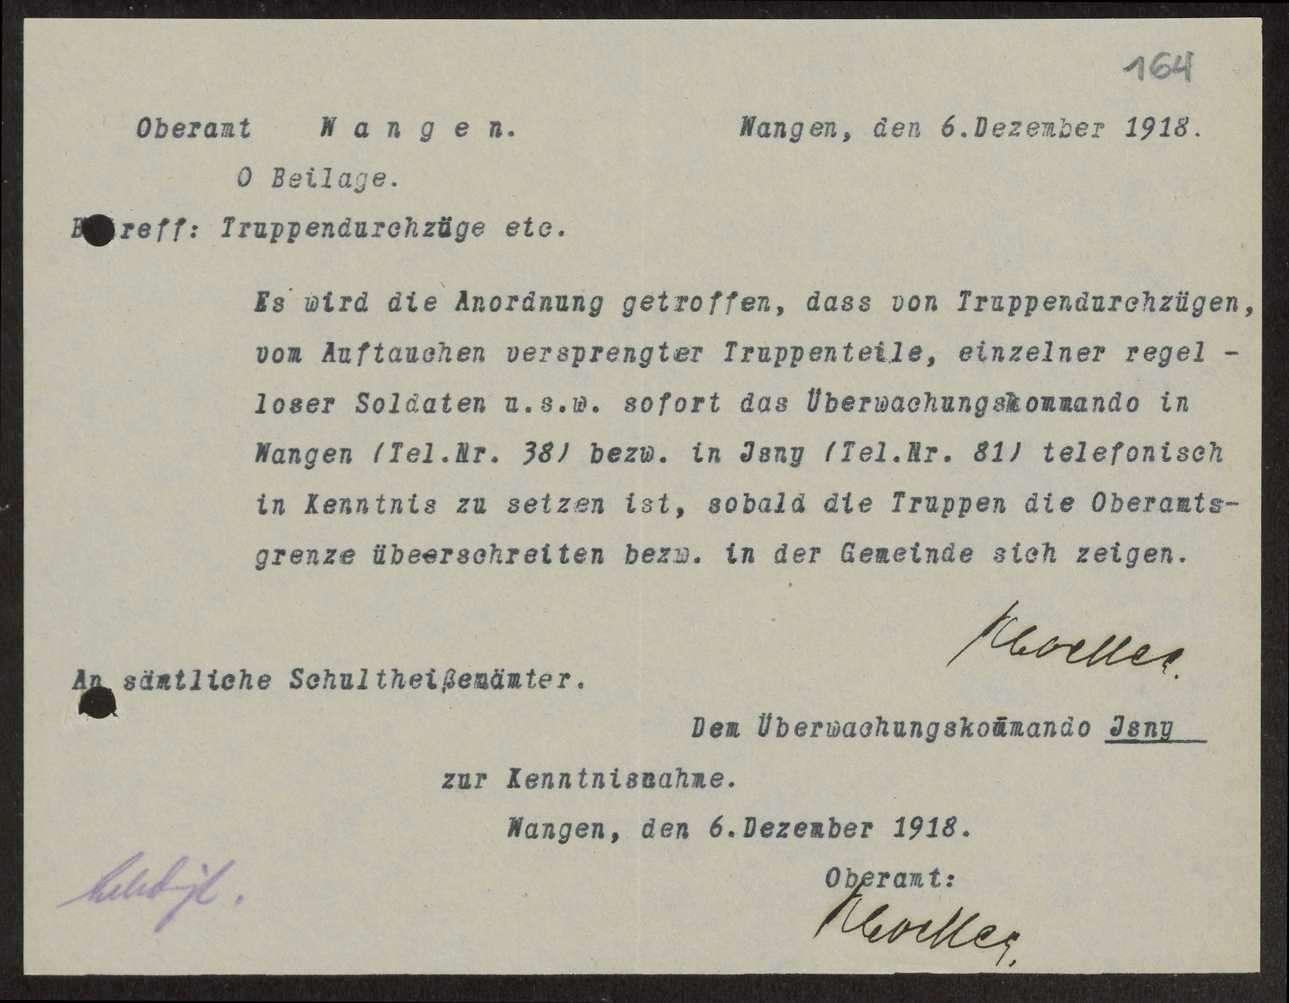 Truppendurchzüge, Militärpassantenliste, Rückkehr der Feldtruppen des Württembergischen Gebirgsregiments, Bild 1